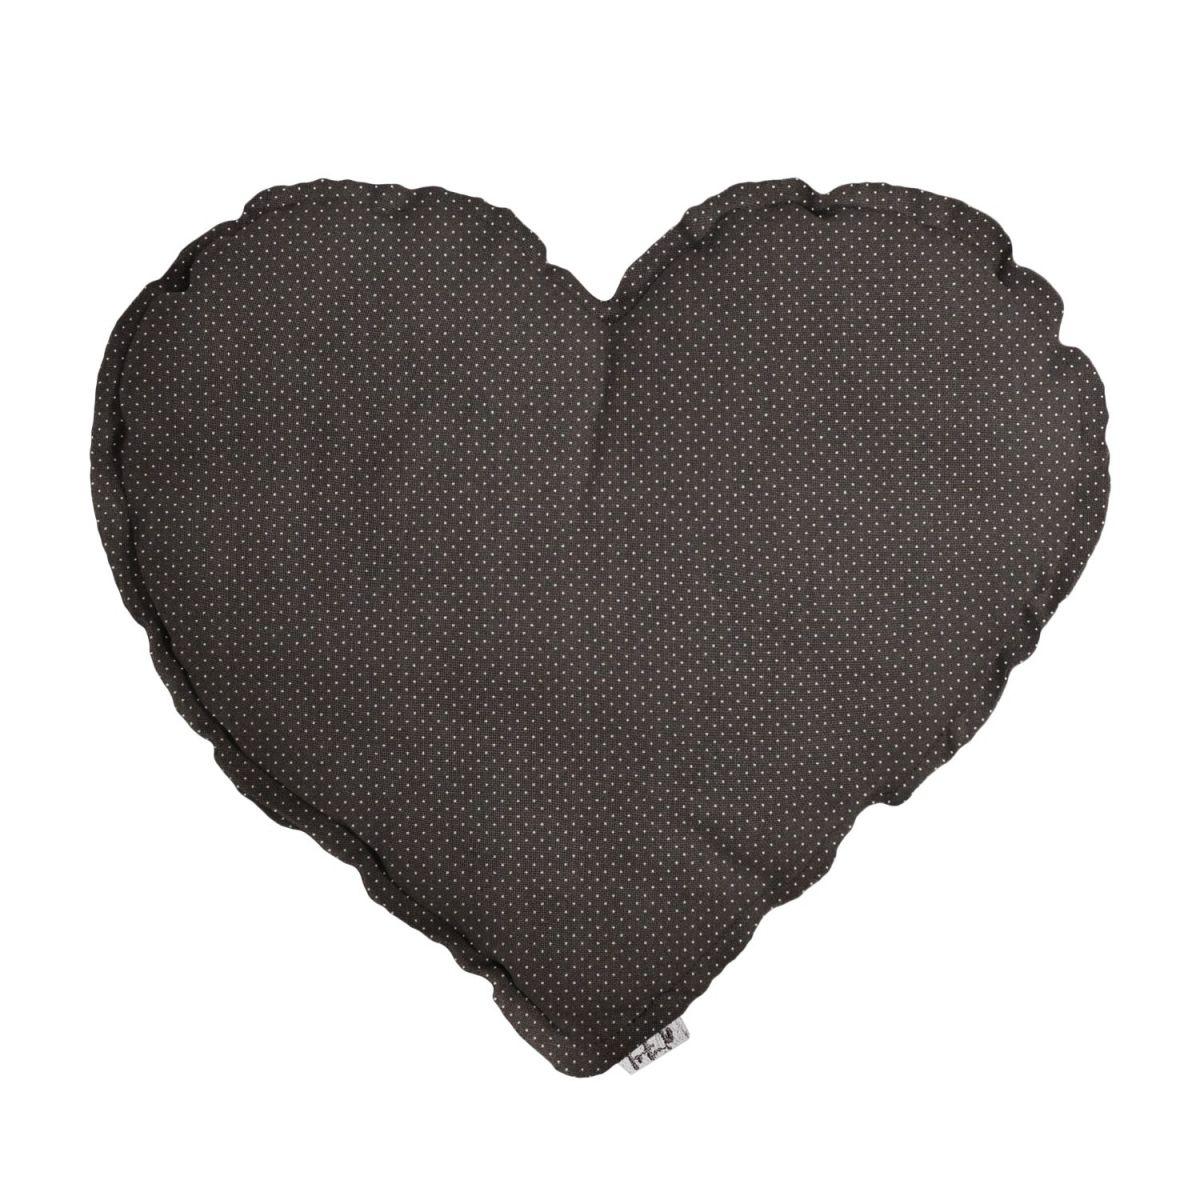 Poduszka Serce brązowoszara w białe kropeczki - Numero 74